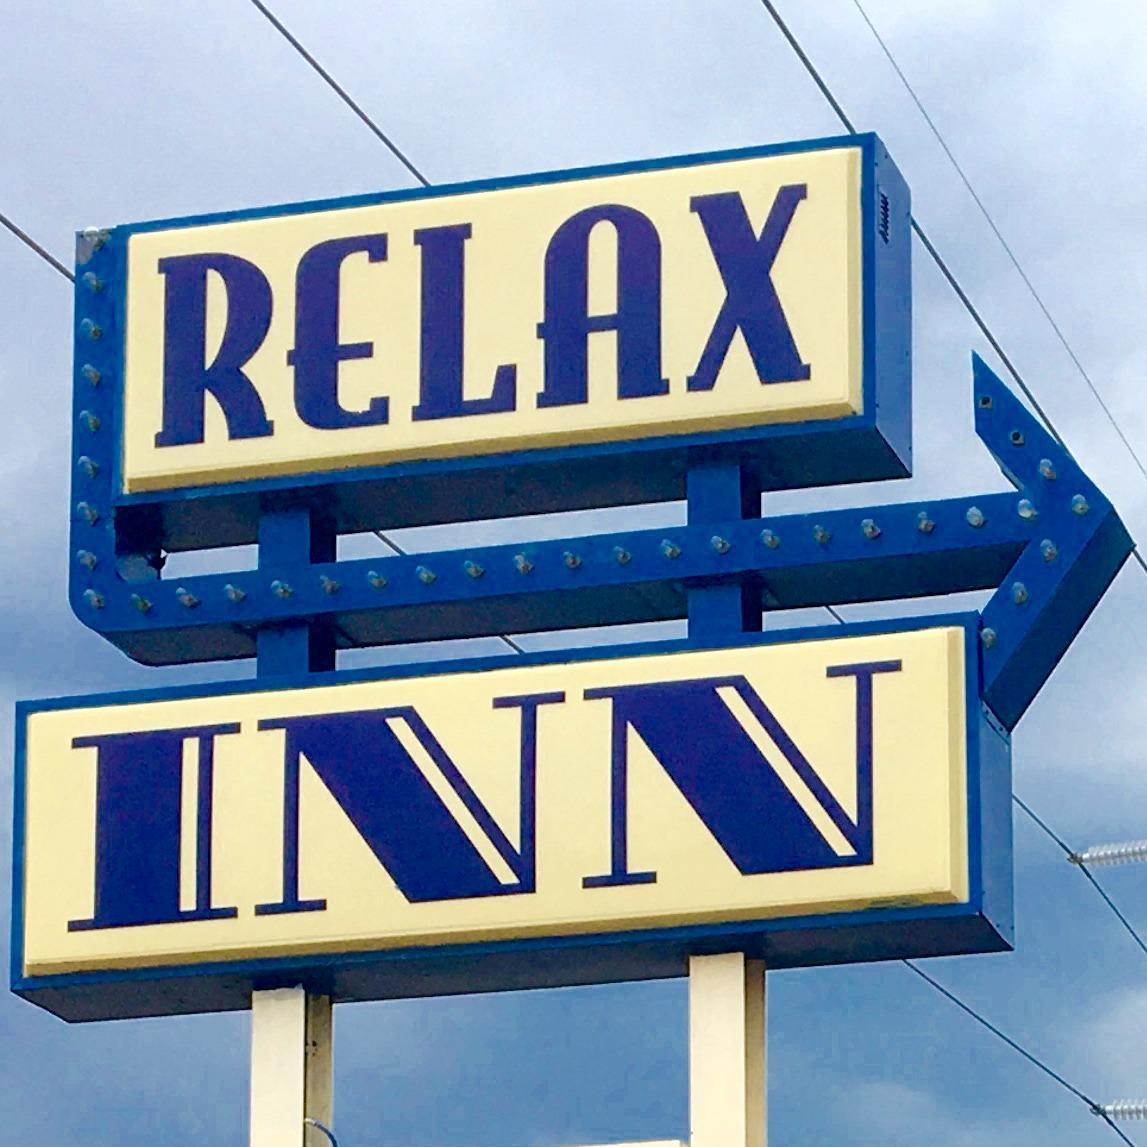 Relax Inn Lawton - Lawton, OK - Hotels & Motels